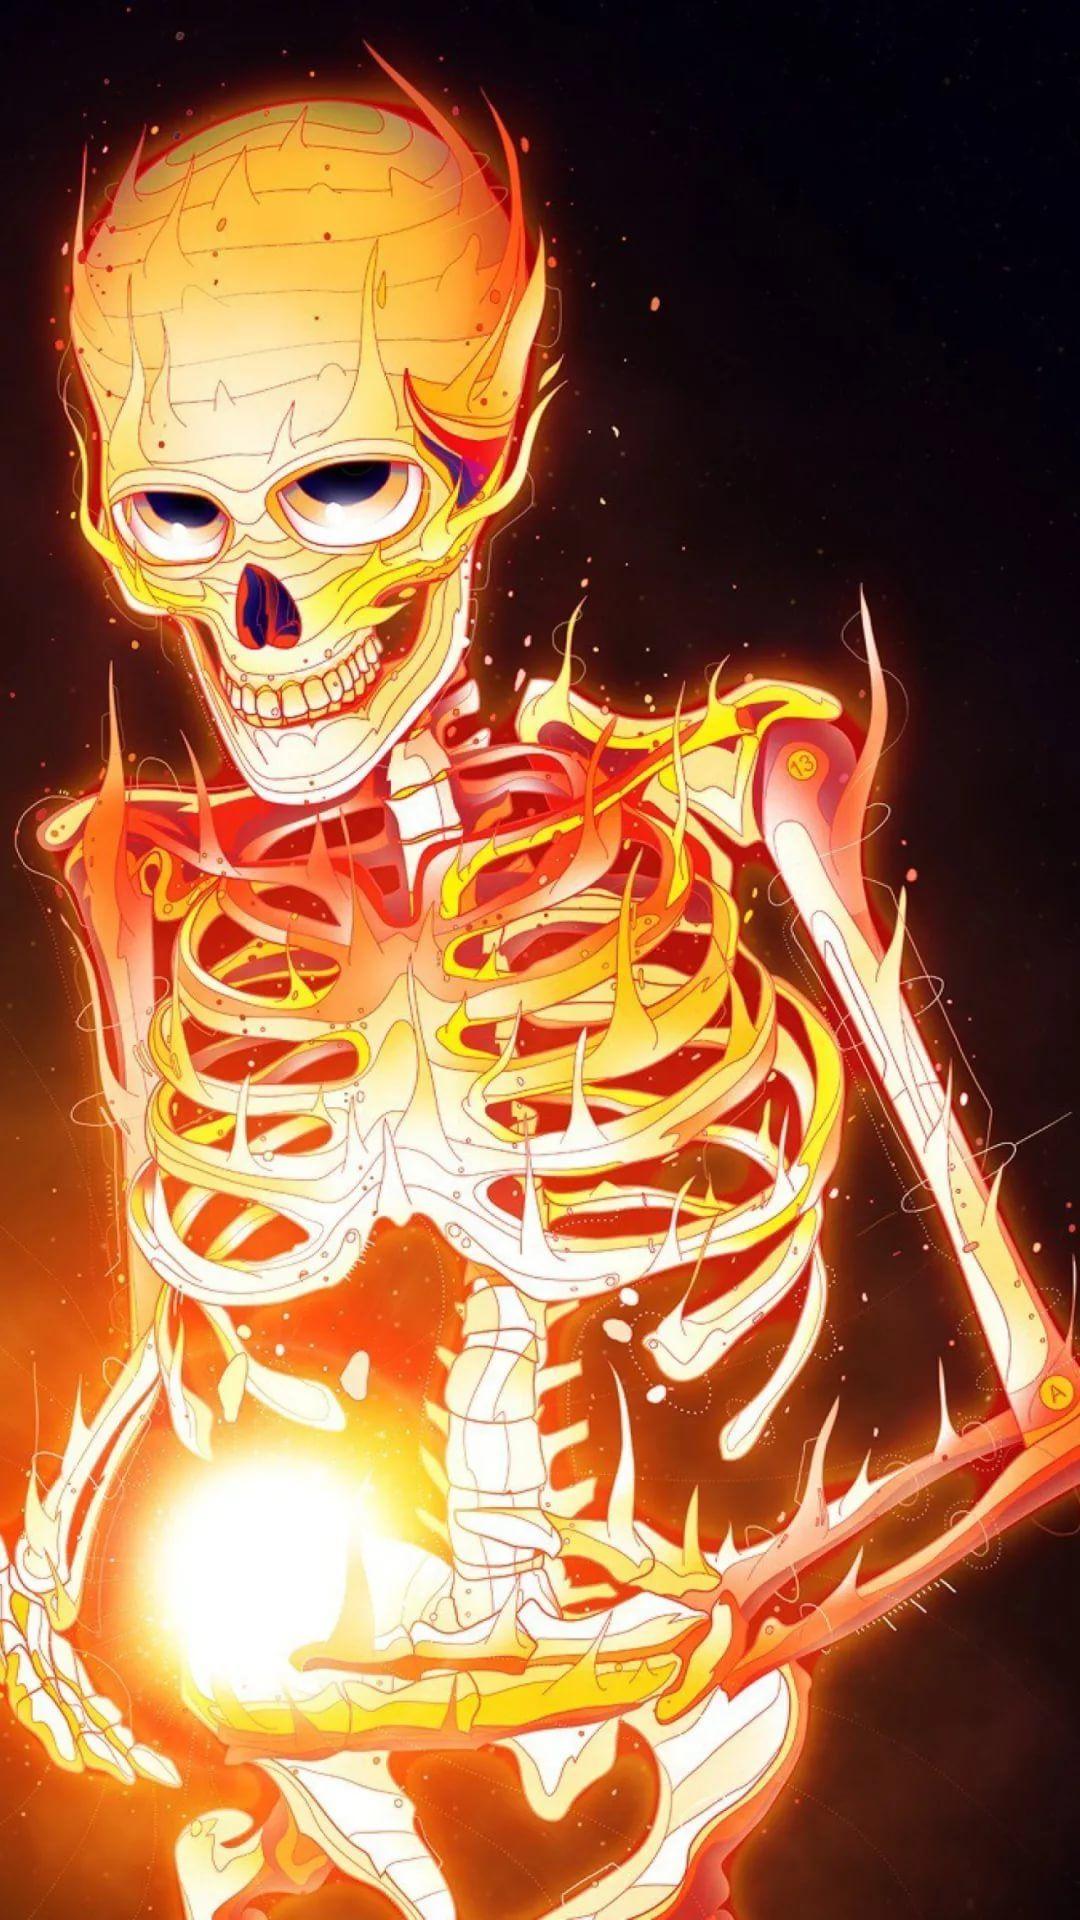 Skeleton HD wallpaper for mobile